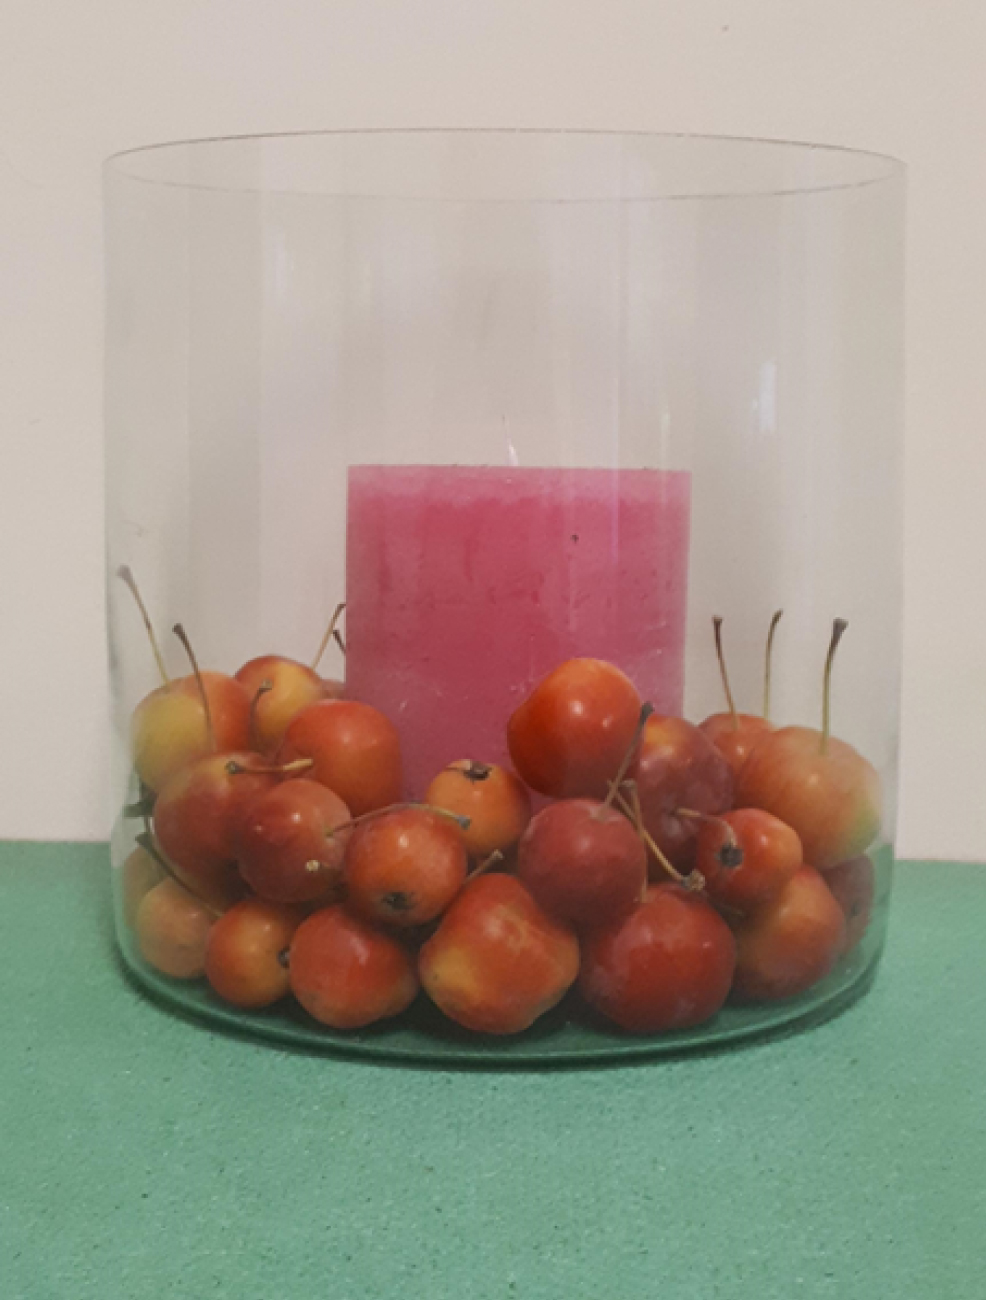 Kaars-in-glas-met-sierappels